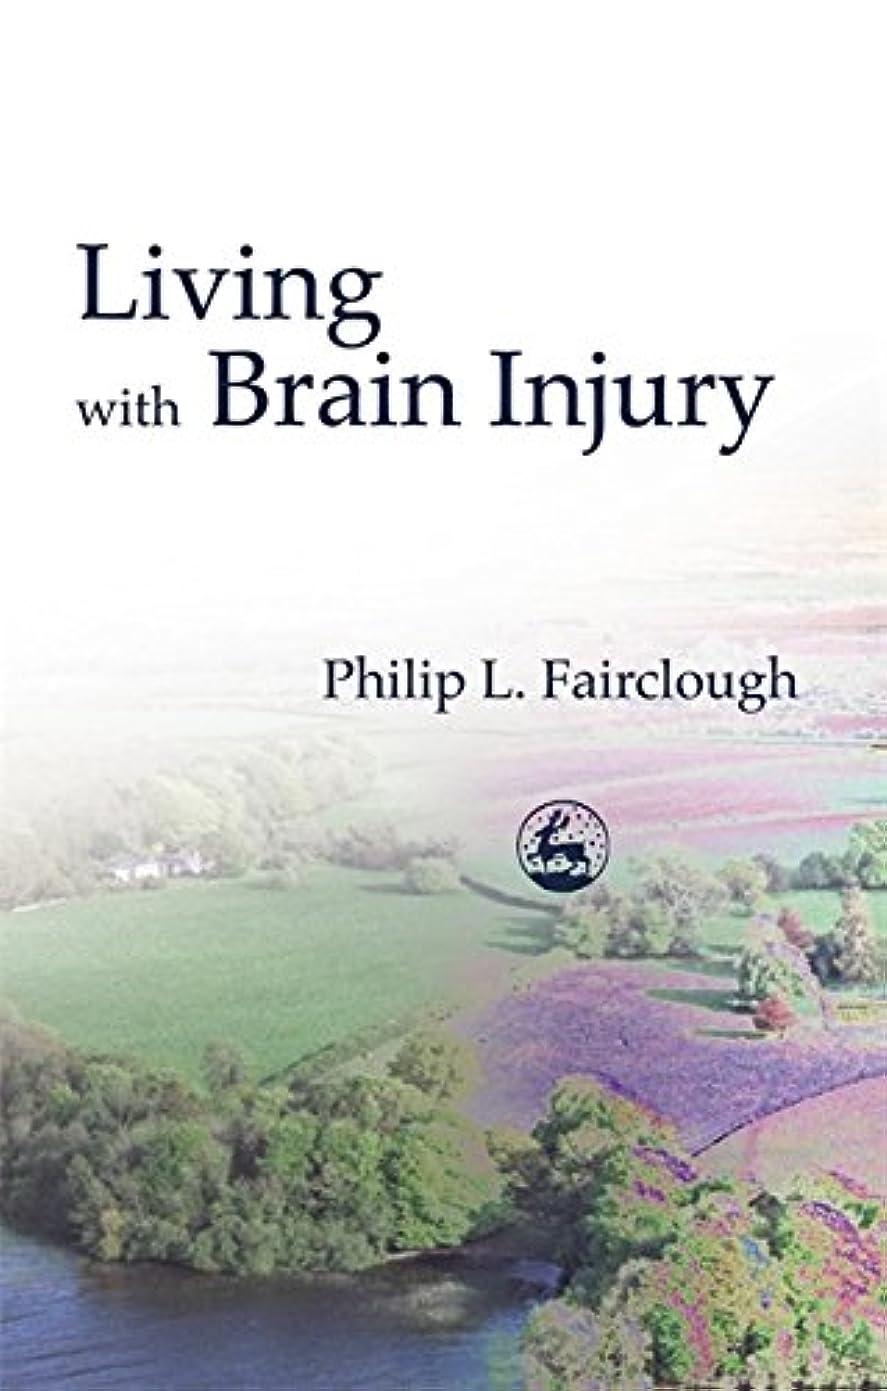 うねる苦しみ髄Living With Brain Injury